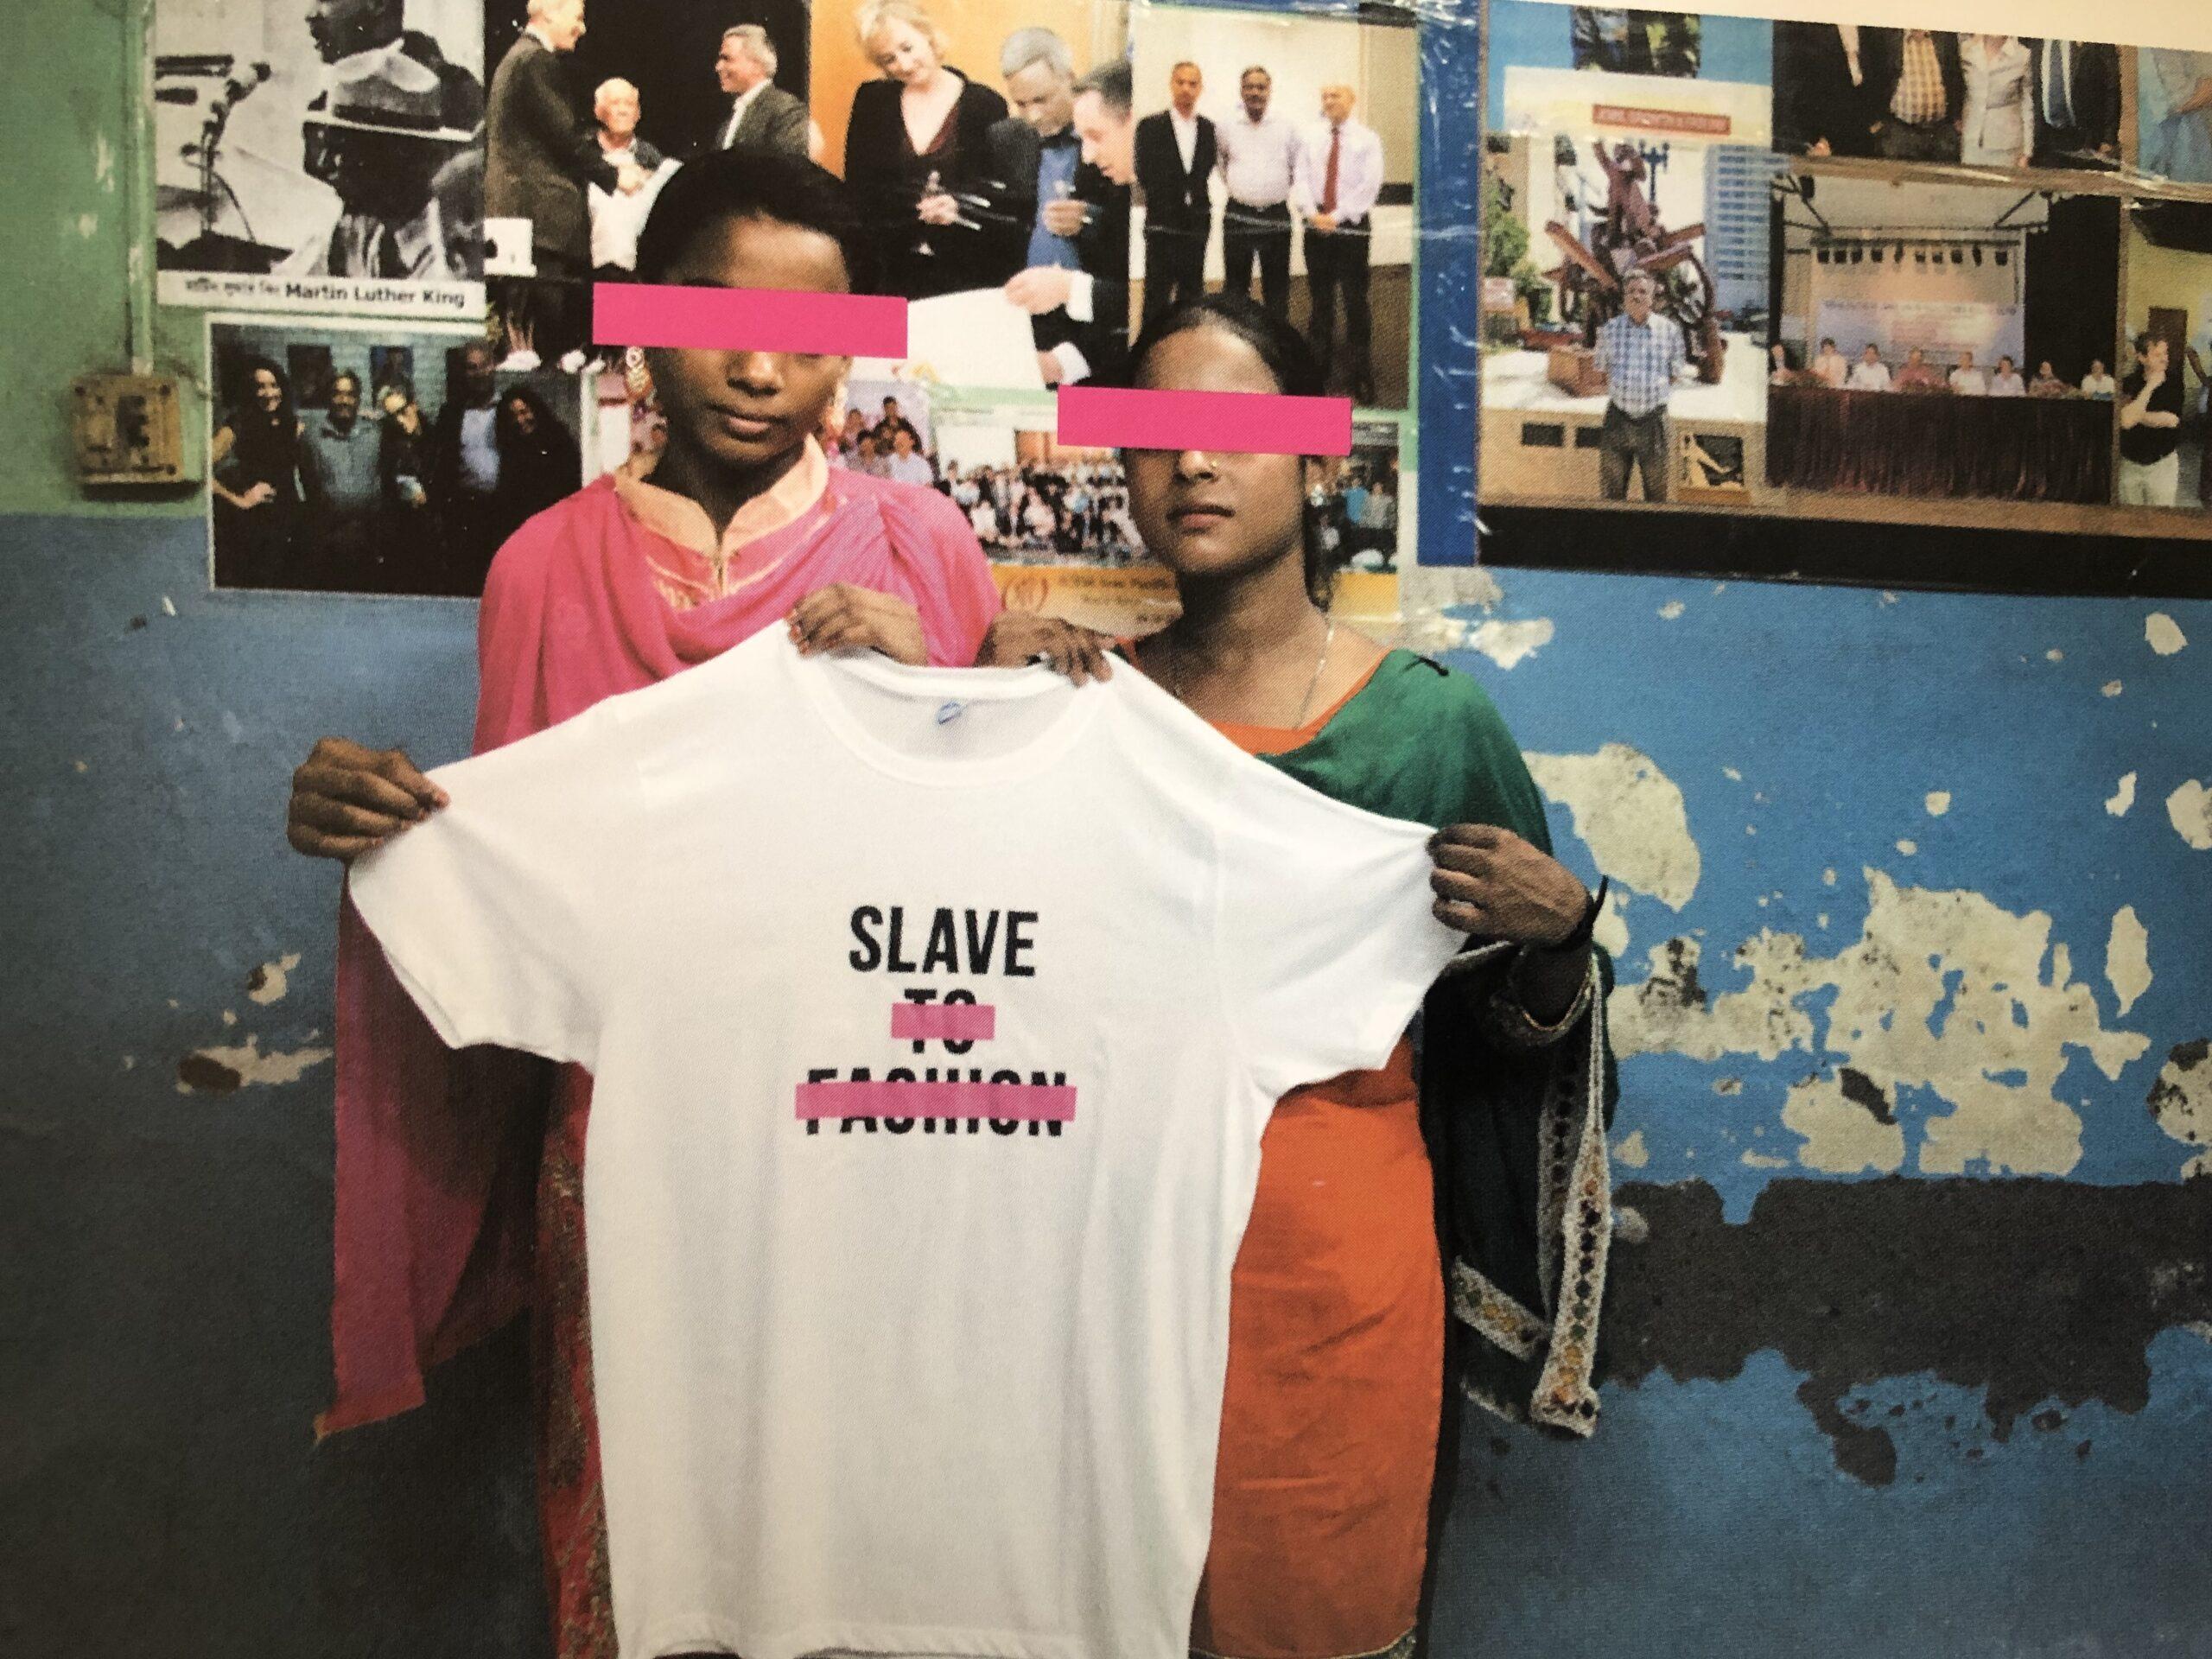 Conheça a escravidão moderna na moda